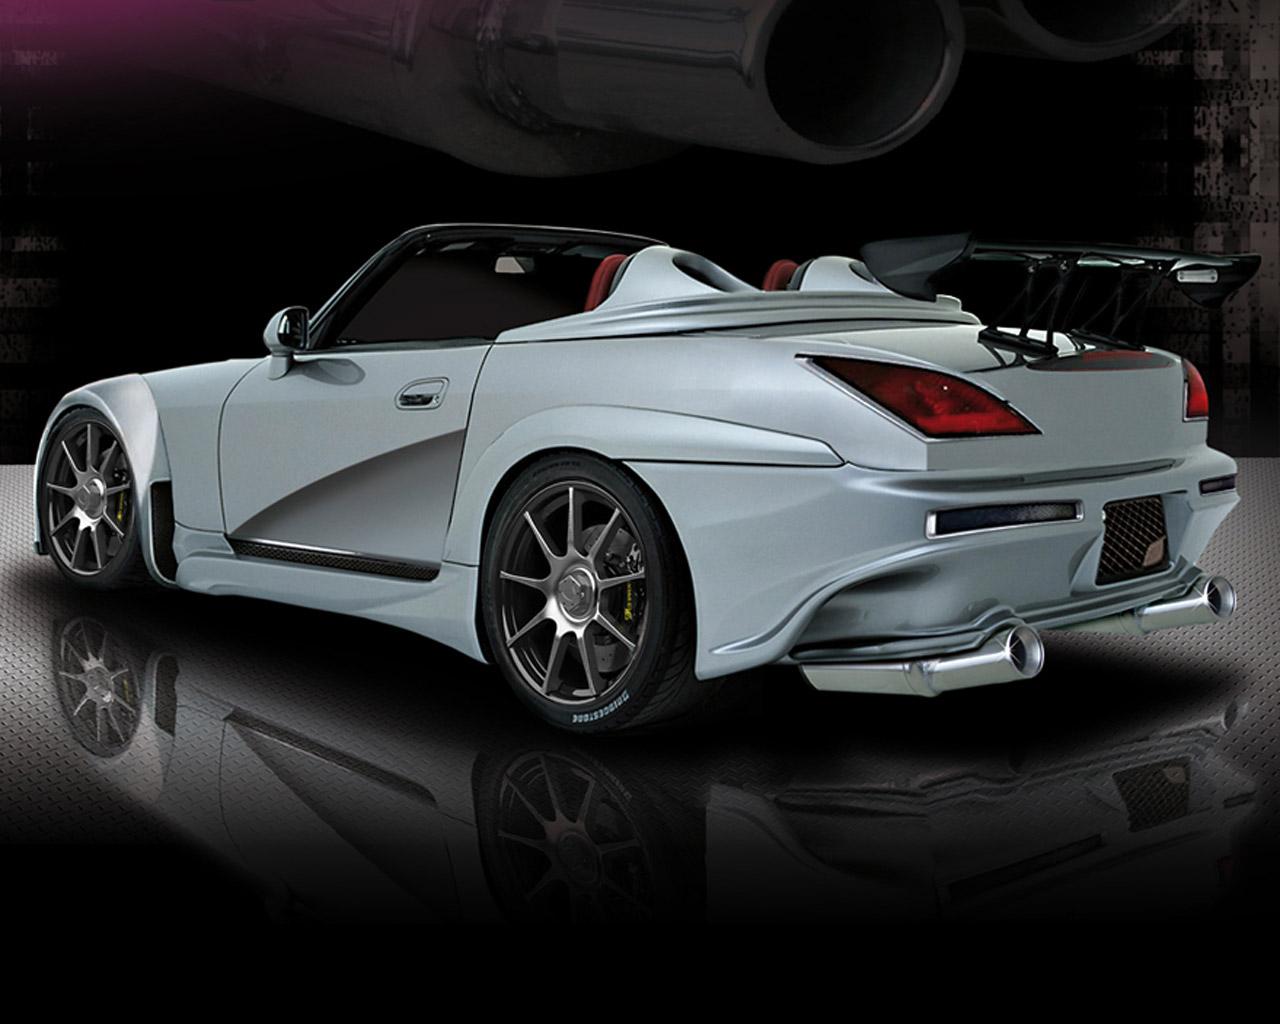 Imagenes De Autos Para Fondo De Pantalla En 3d: Imagenes De Carros En 3D En Movimiento